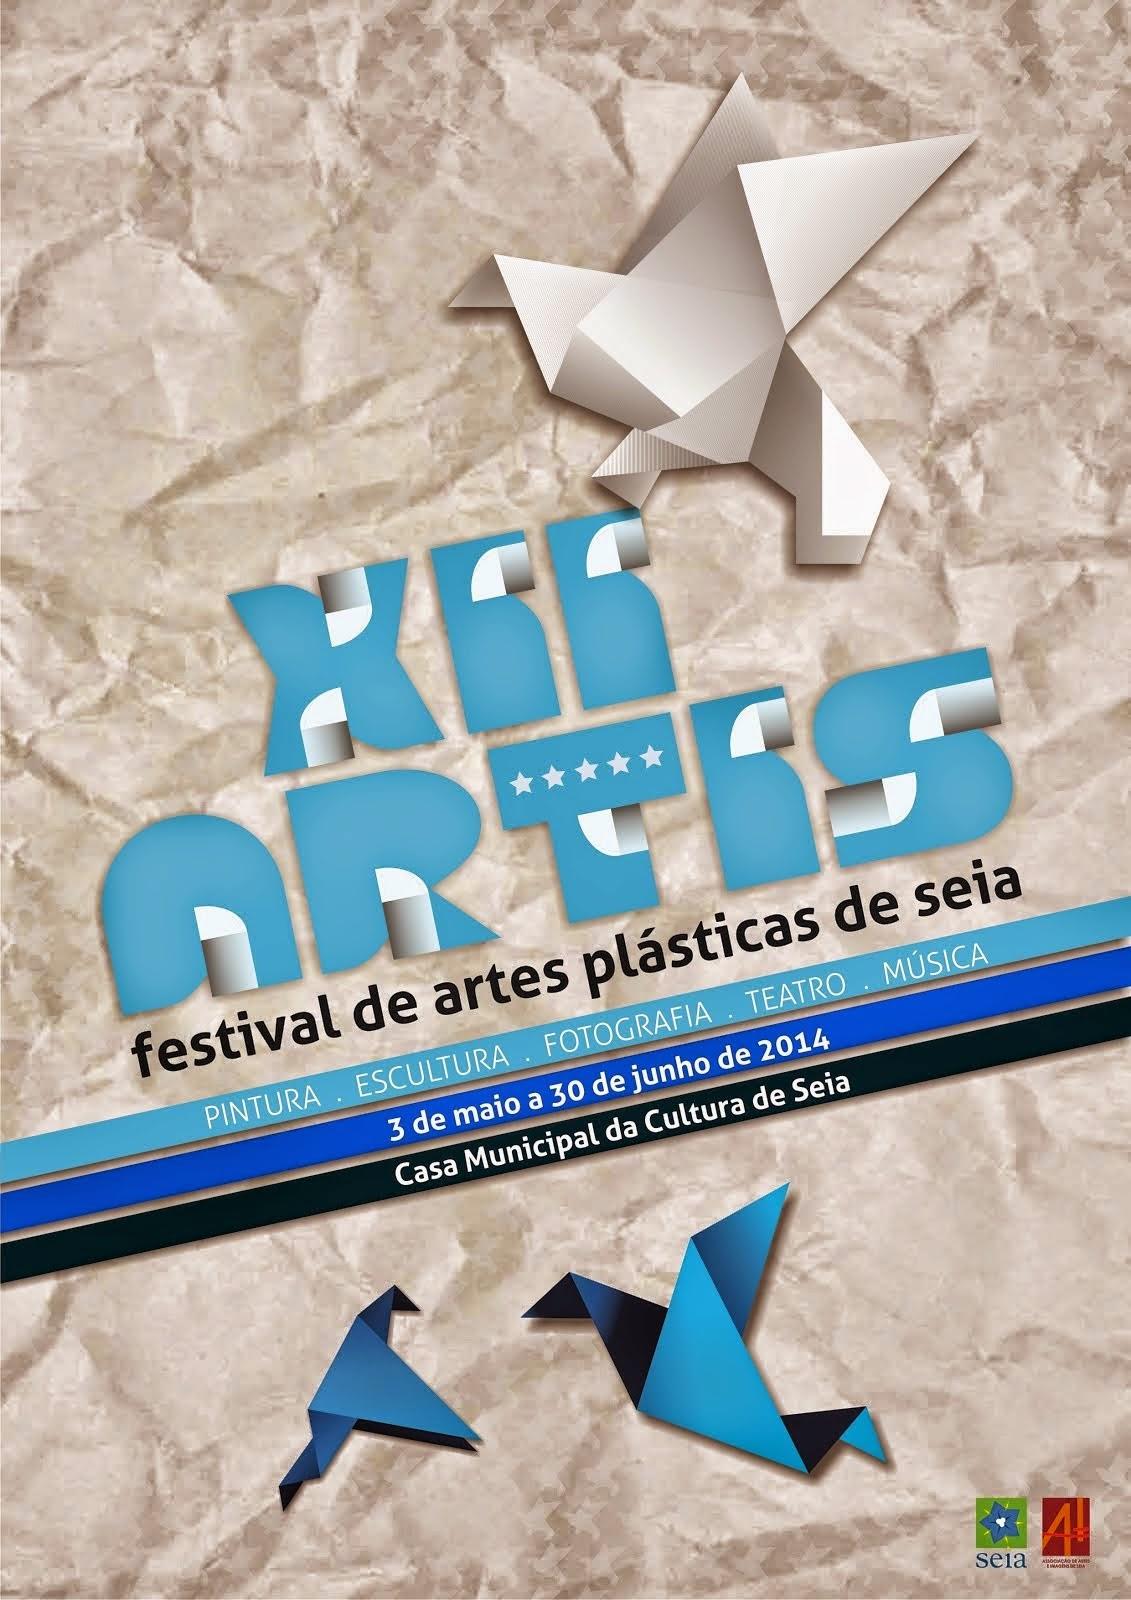 ARTIS - Festival de Artes Plásticas de Seia